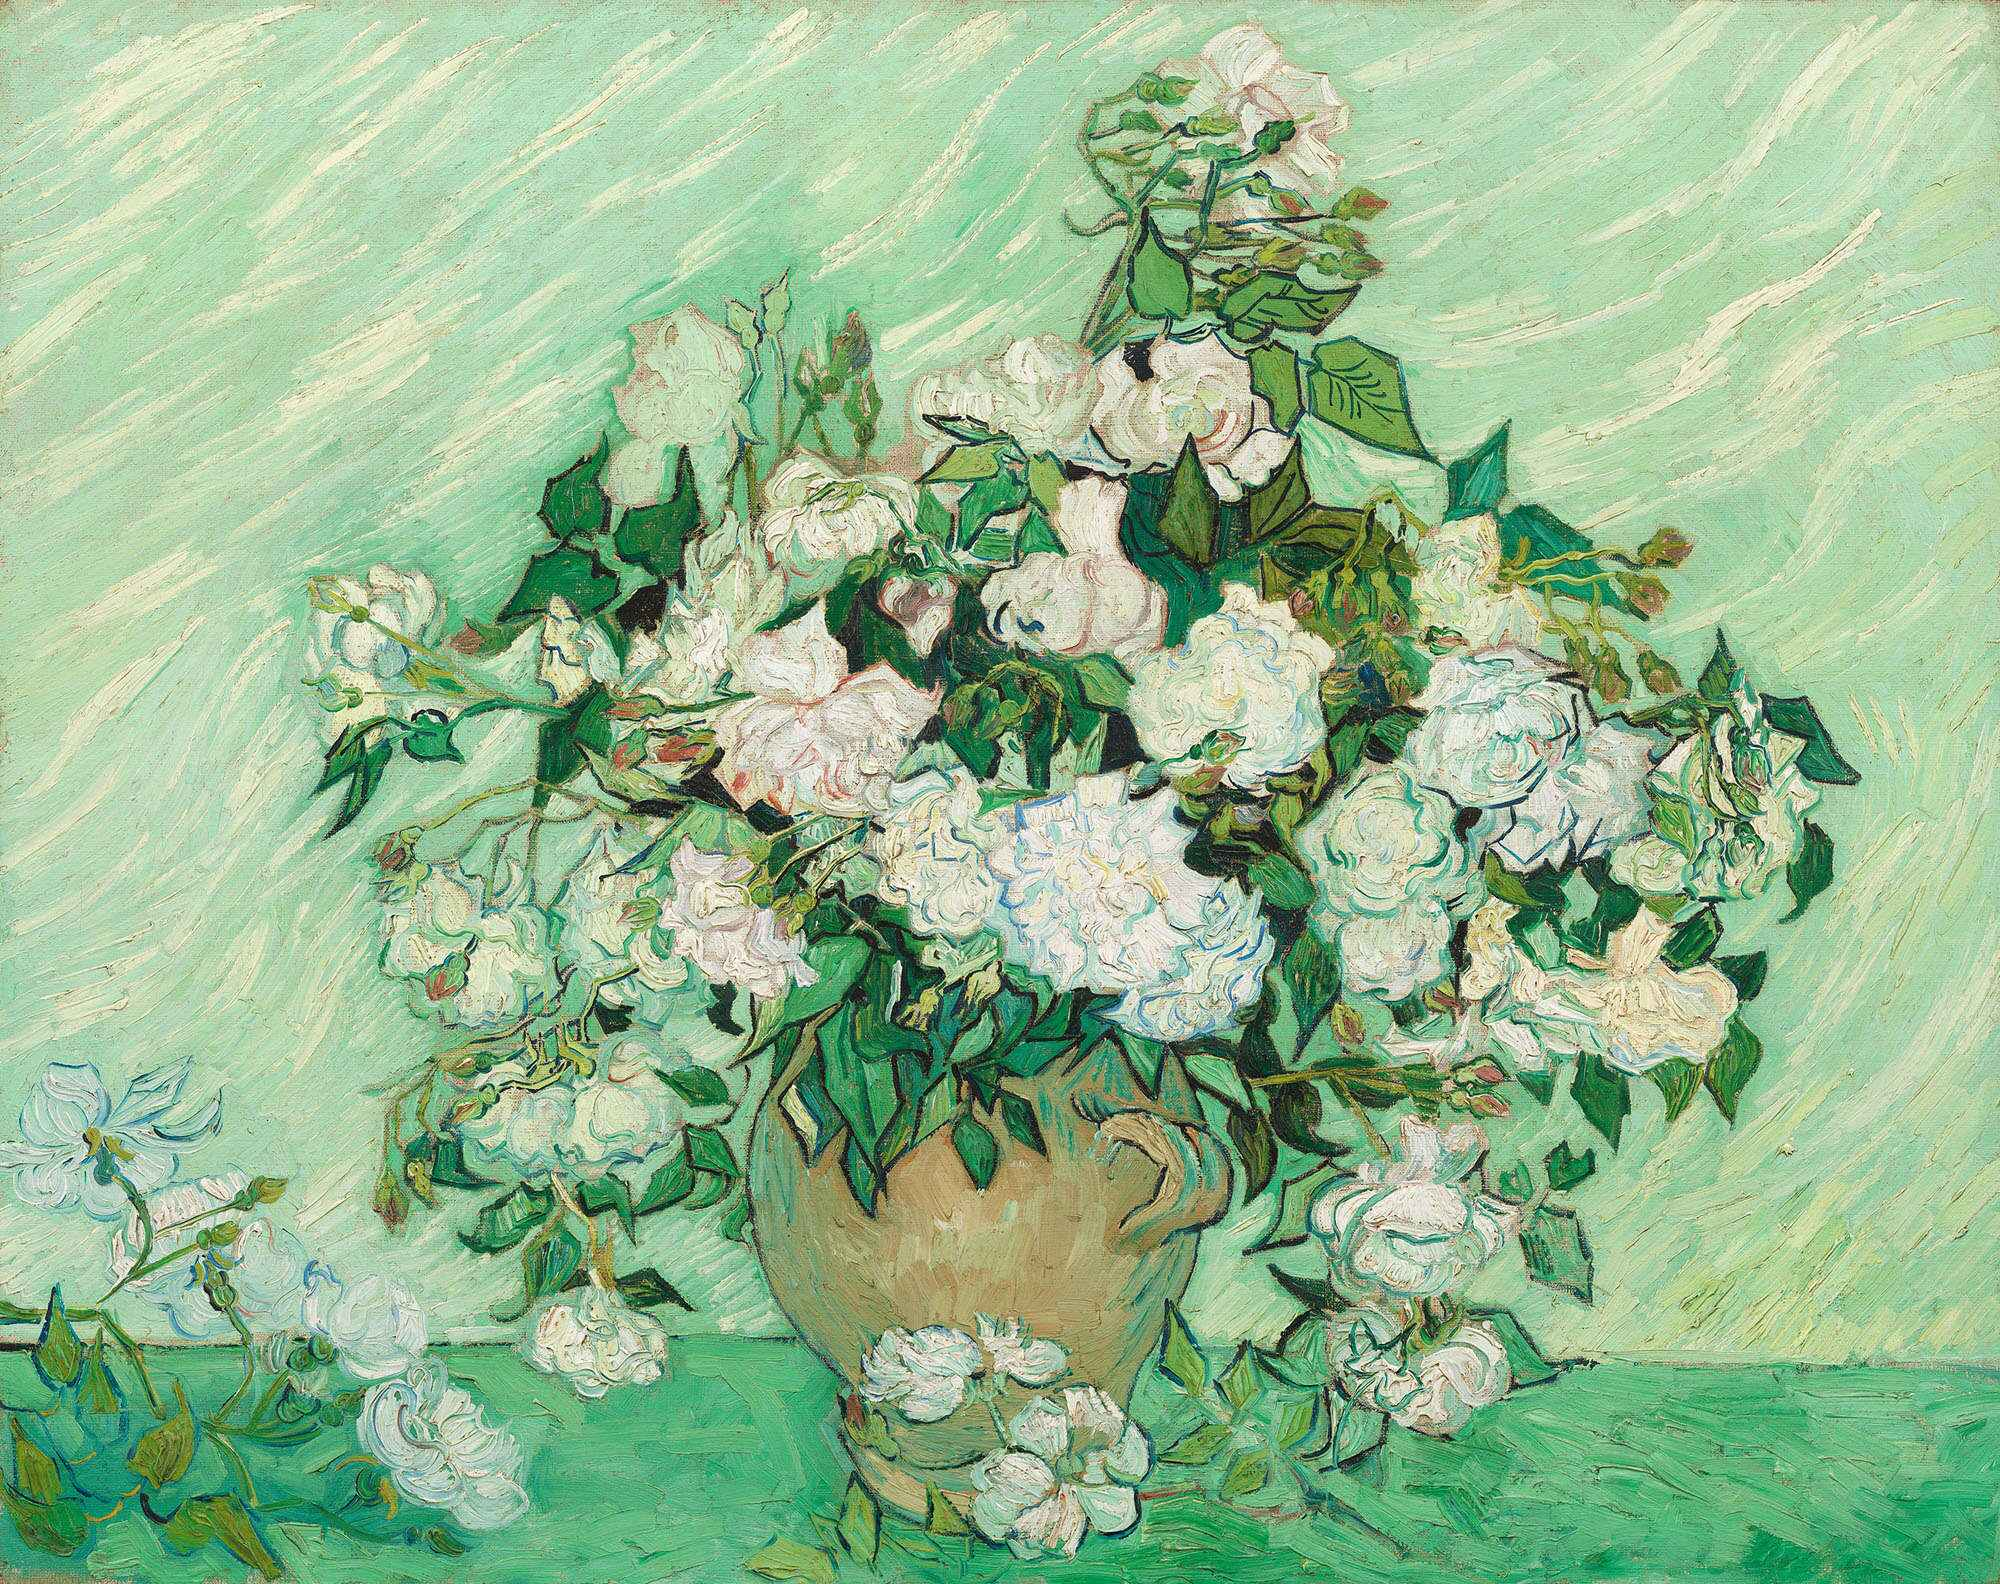 Винсента Ван Гог, Розы, Национальная художественная галерея, Вашингтон, округ Колумбия